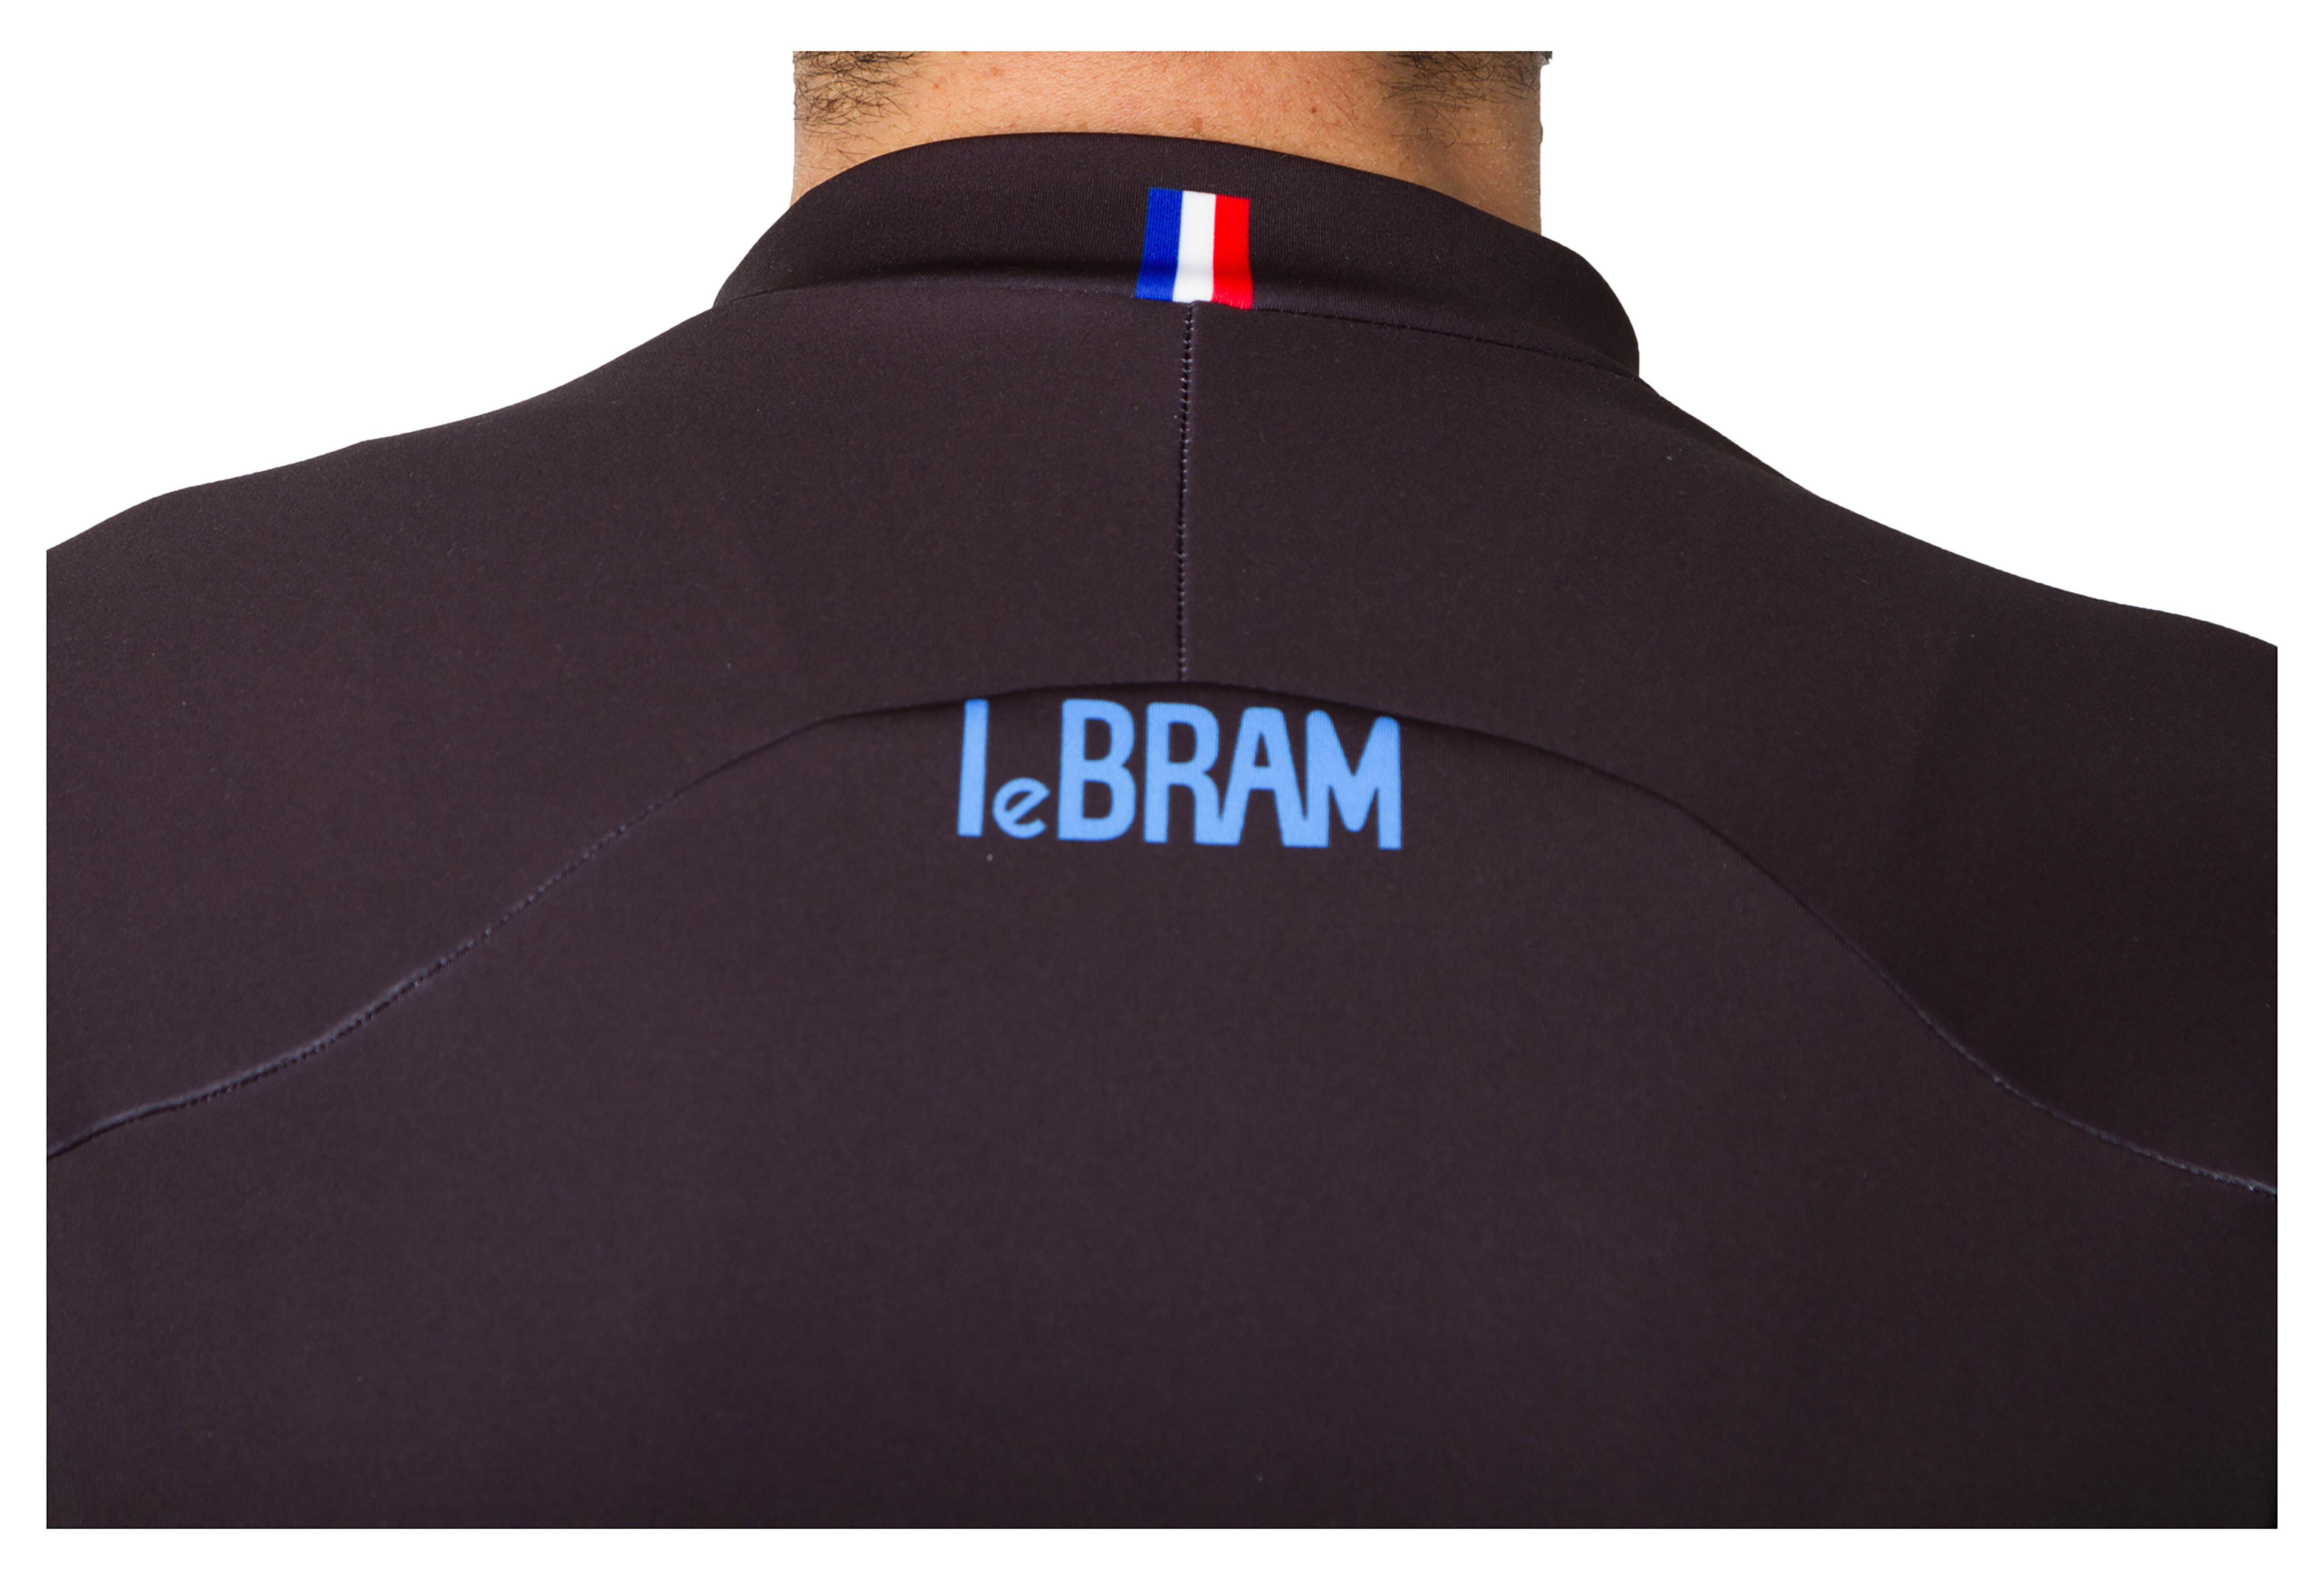 LeBRAM-Maillot-Pluie-Manches-Longues-Pailhères-Noir-Bleu_8001_2